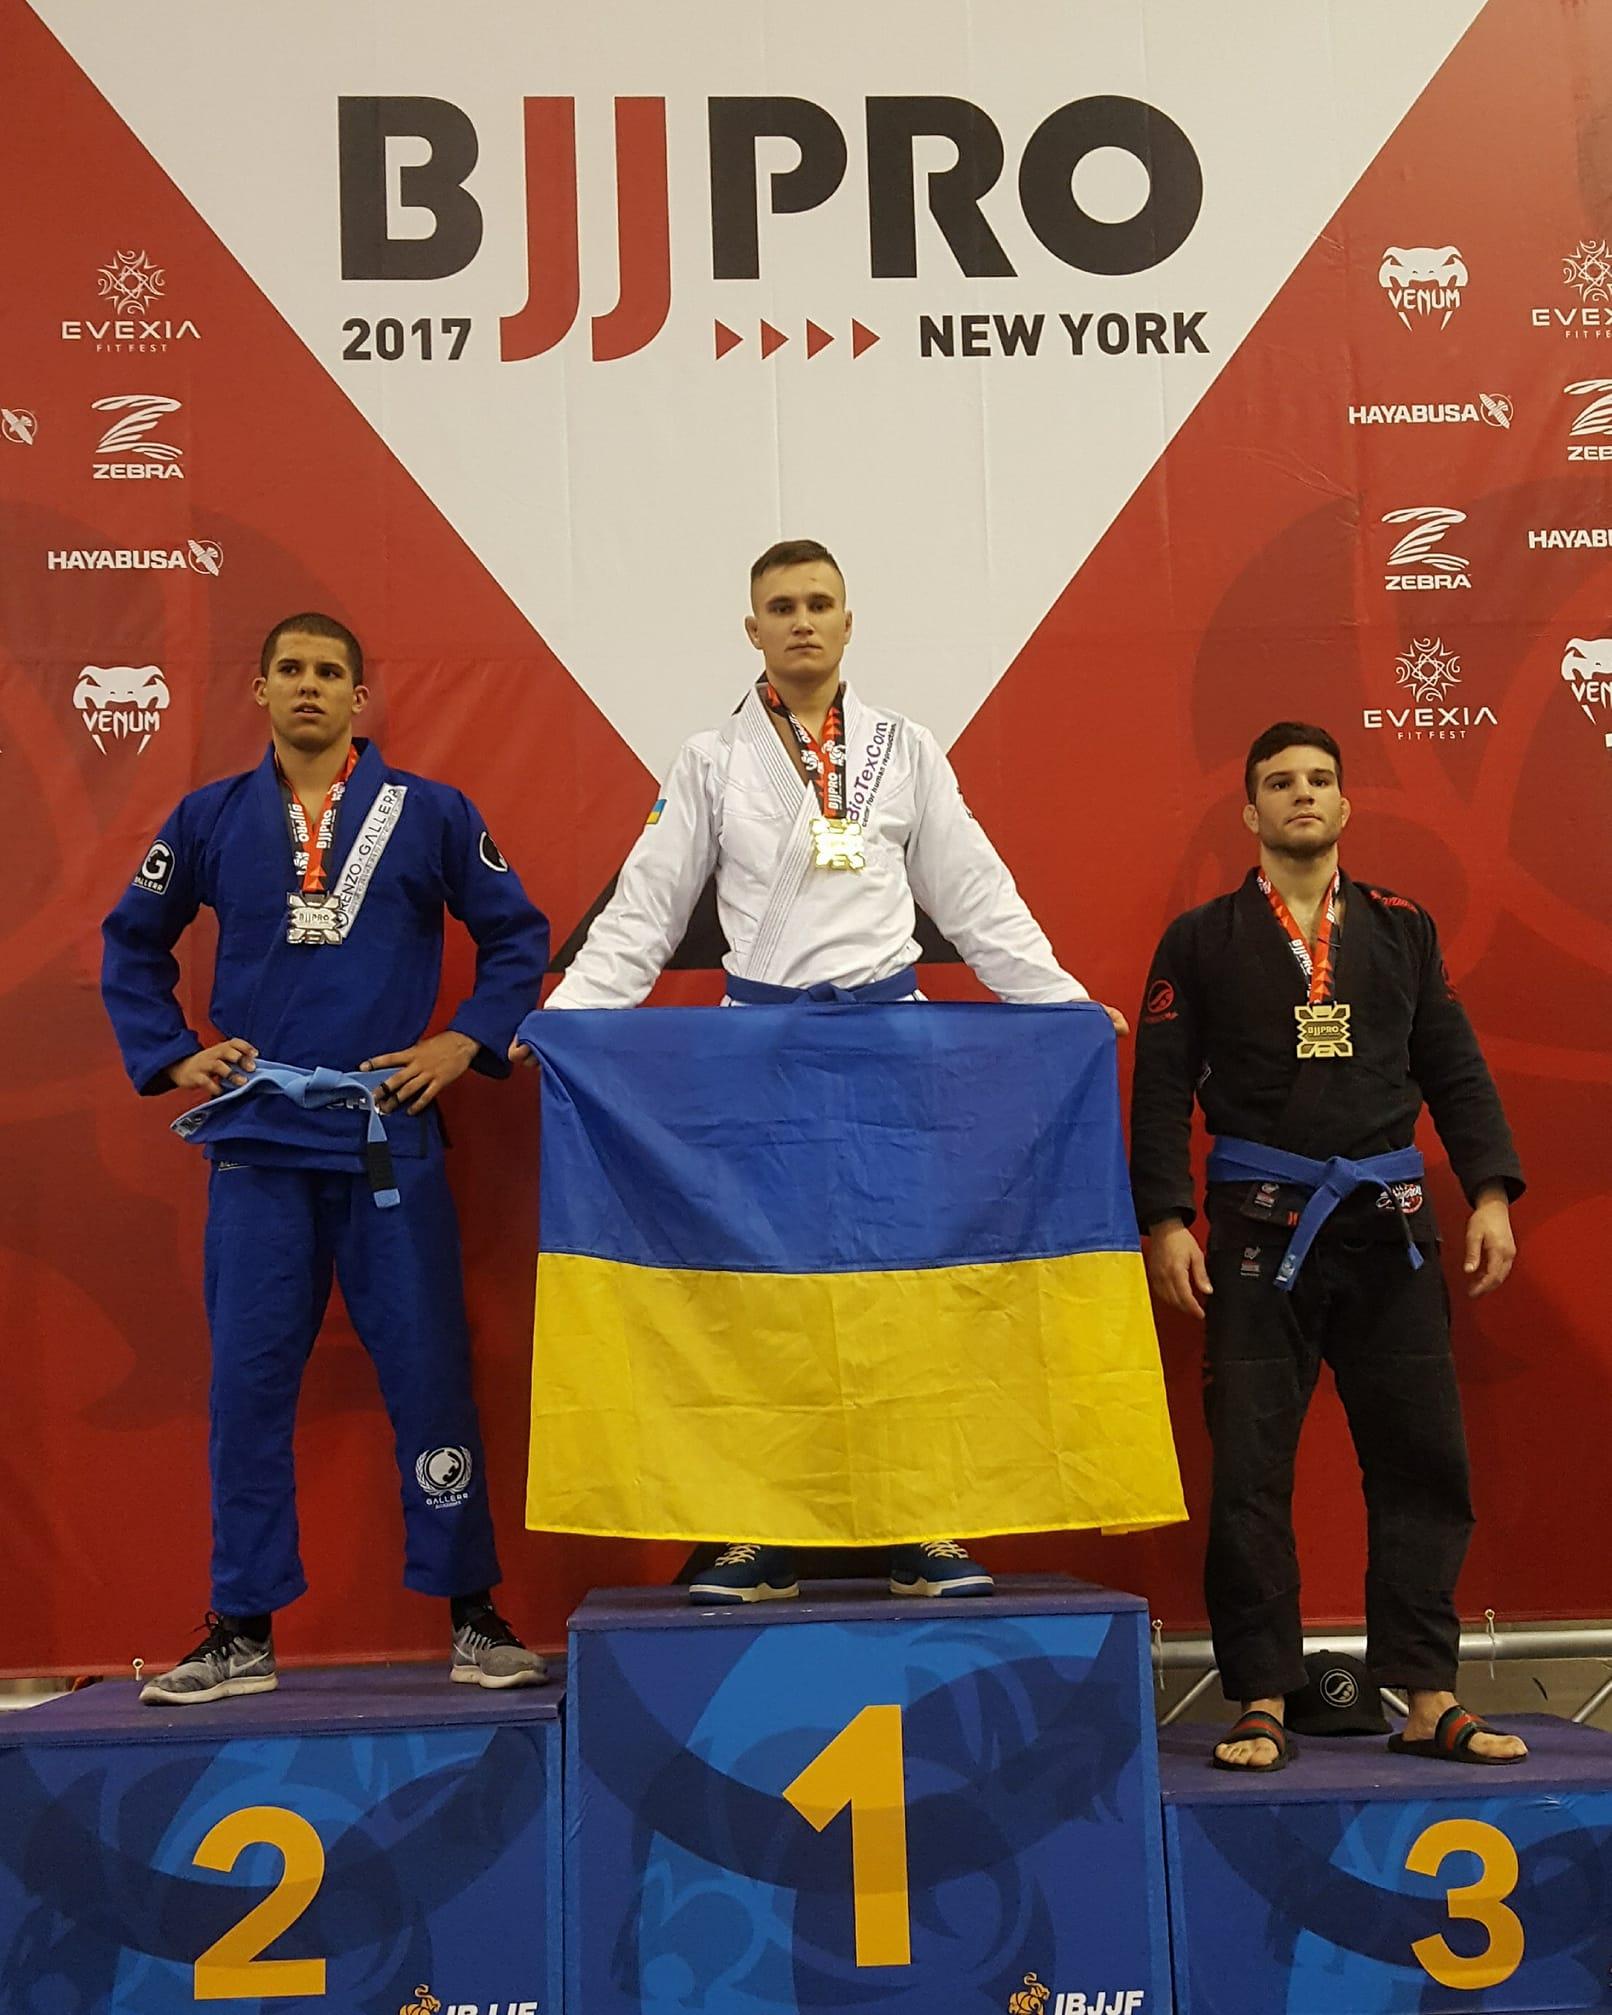 Кропивничанин здобув перше місце в престижному чемпіонаті з джіу-джитсу в Нью-Йорку - 1 - Спорт - Без Купюр